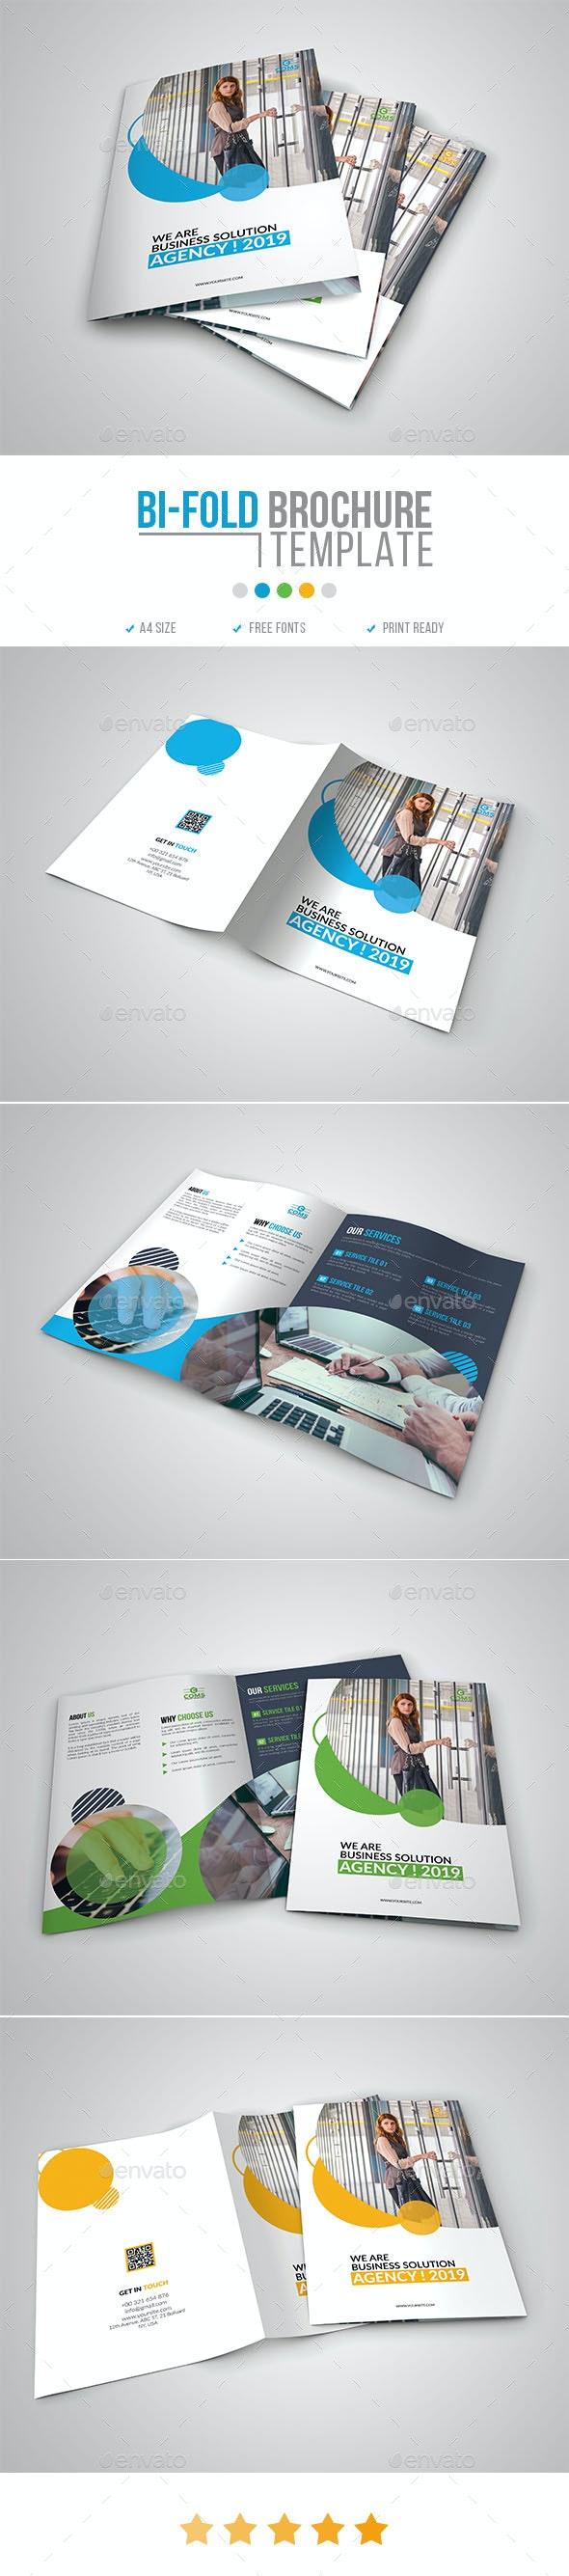 Corporate Bi-Fold Brochure Template 12 - Corporate Brochures